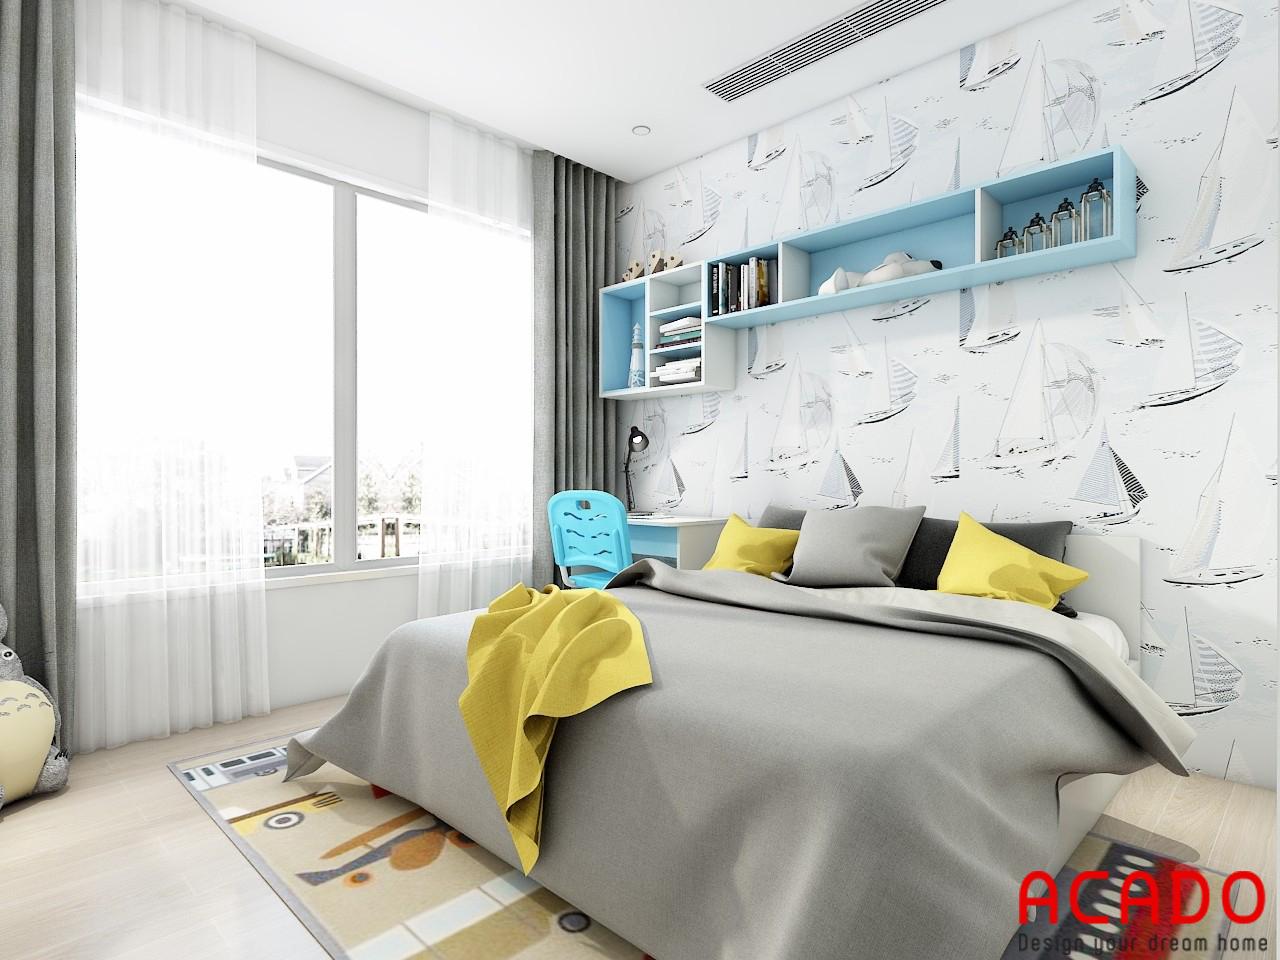 Thiết kế nội thất phòng ngủ chung cư - nội thất ACADO